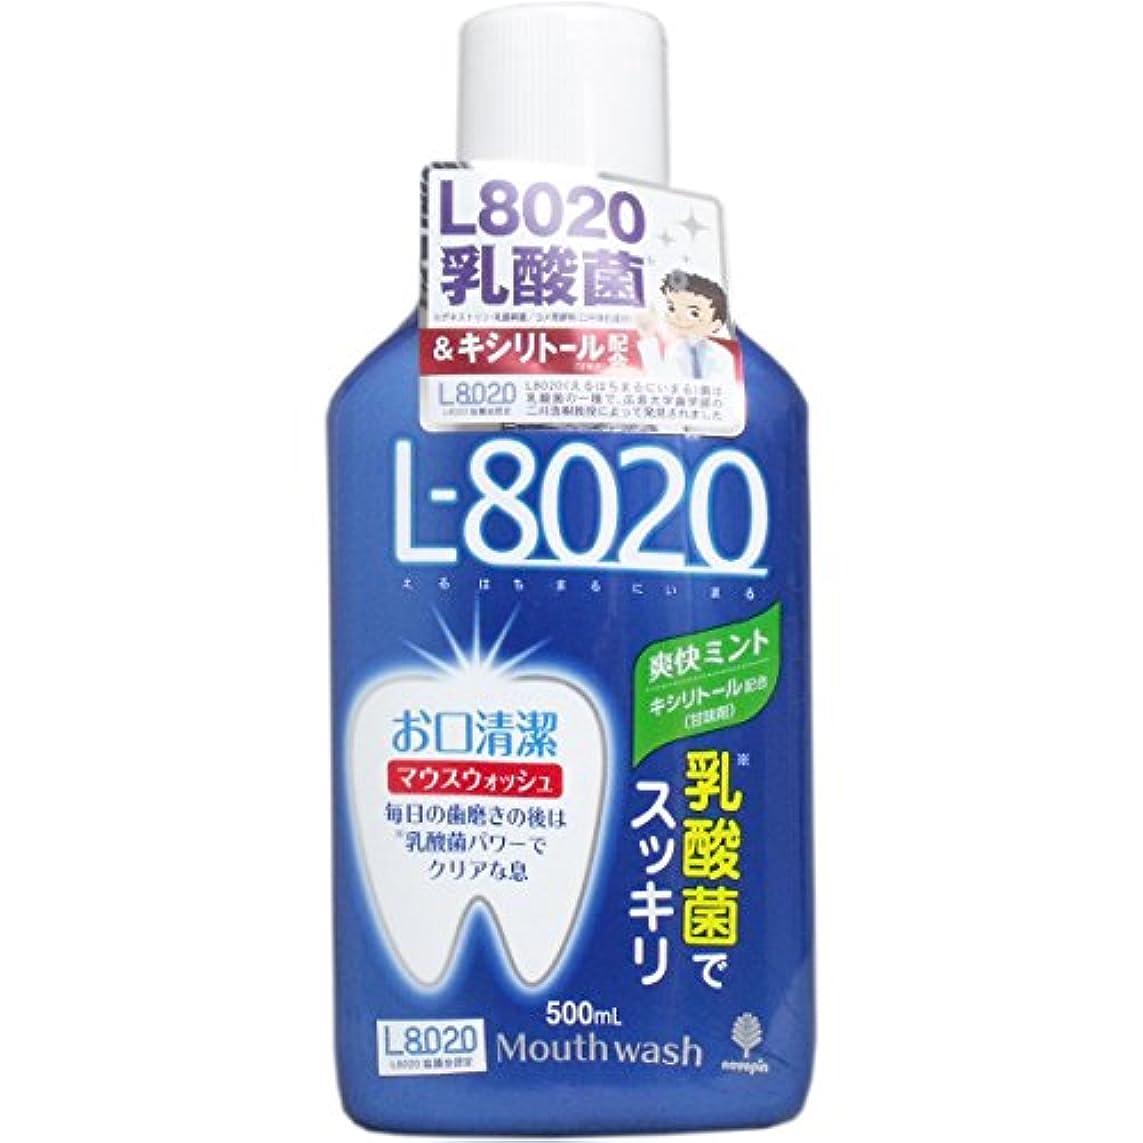 社員テクスチャー銀クチュッペ L-8020 マウスウォッシュ 爽快ミント アルコール 500mL